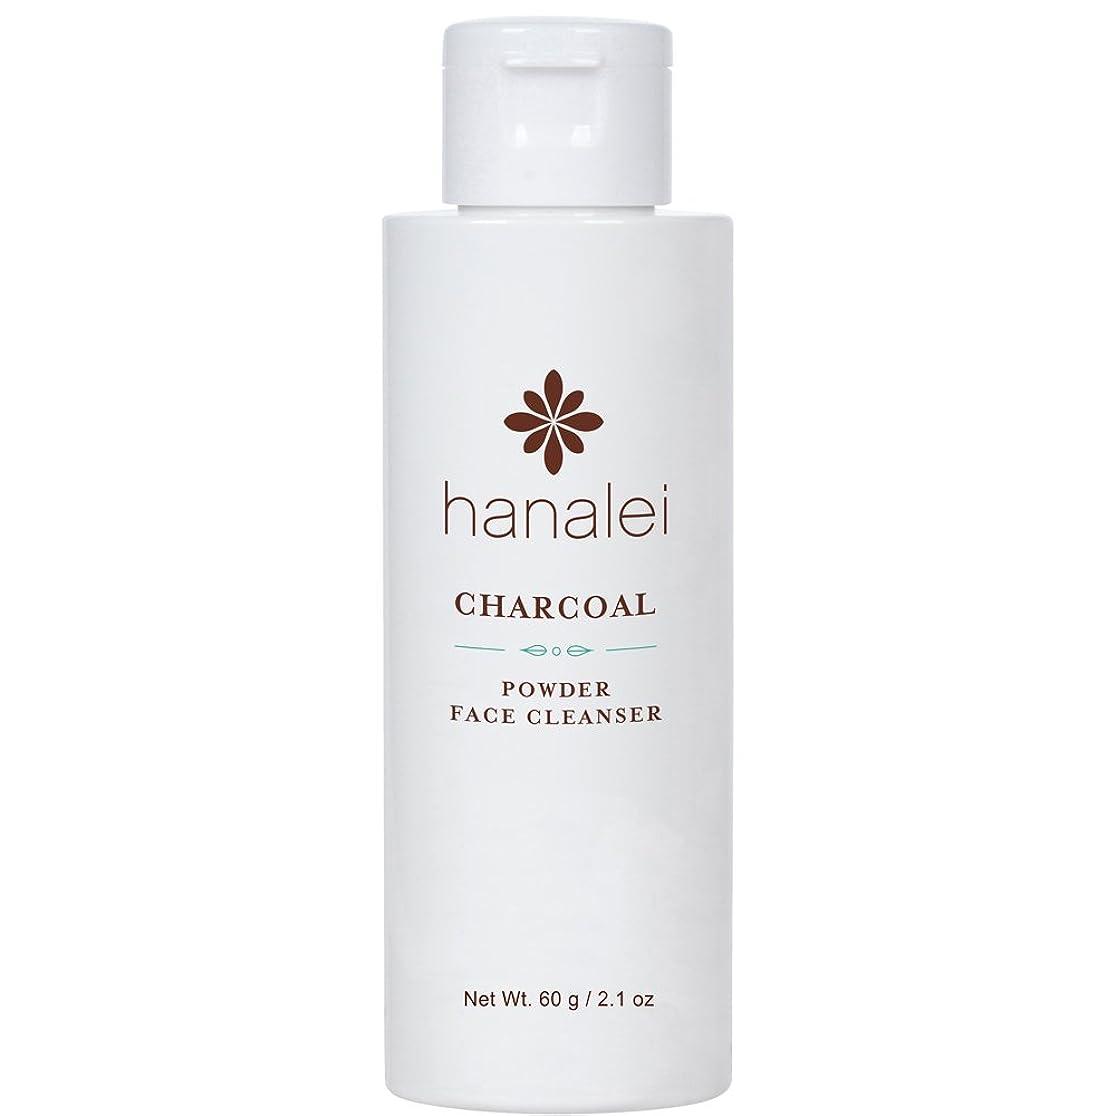 ヘビー敷居シンプルなHanalei (ハナレイ)炭入り酵素洗顔料 (Enzyme Powder Facial Cleanser) (チャコール 60g)